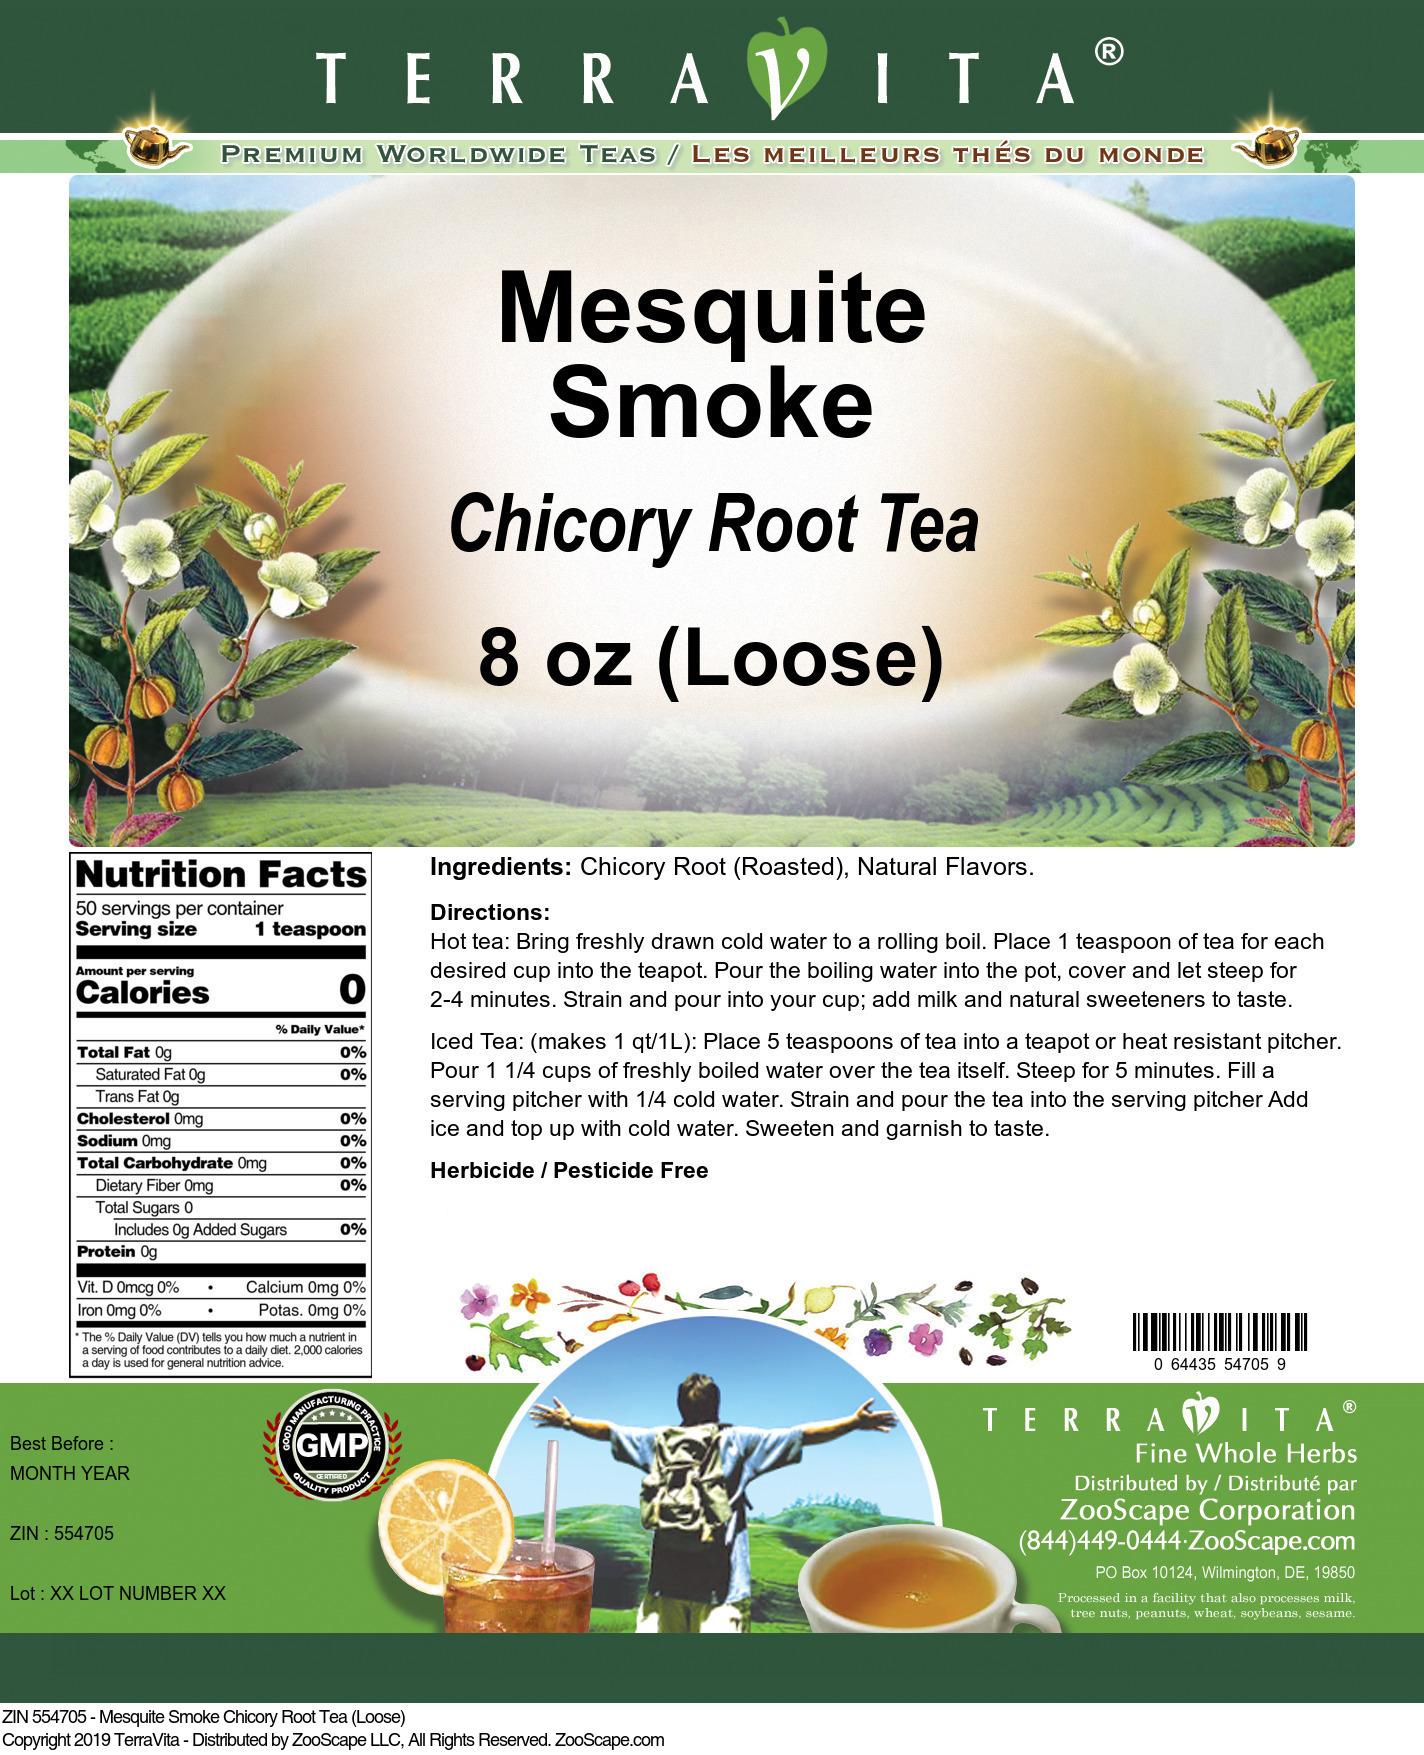 Mesquite Smoke Chicory Root Tea (Loose)